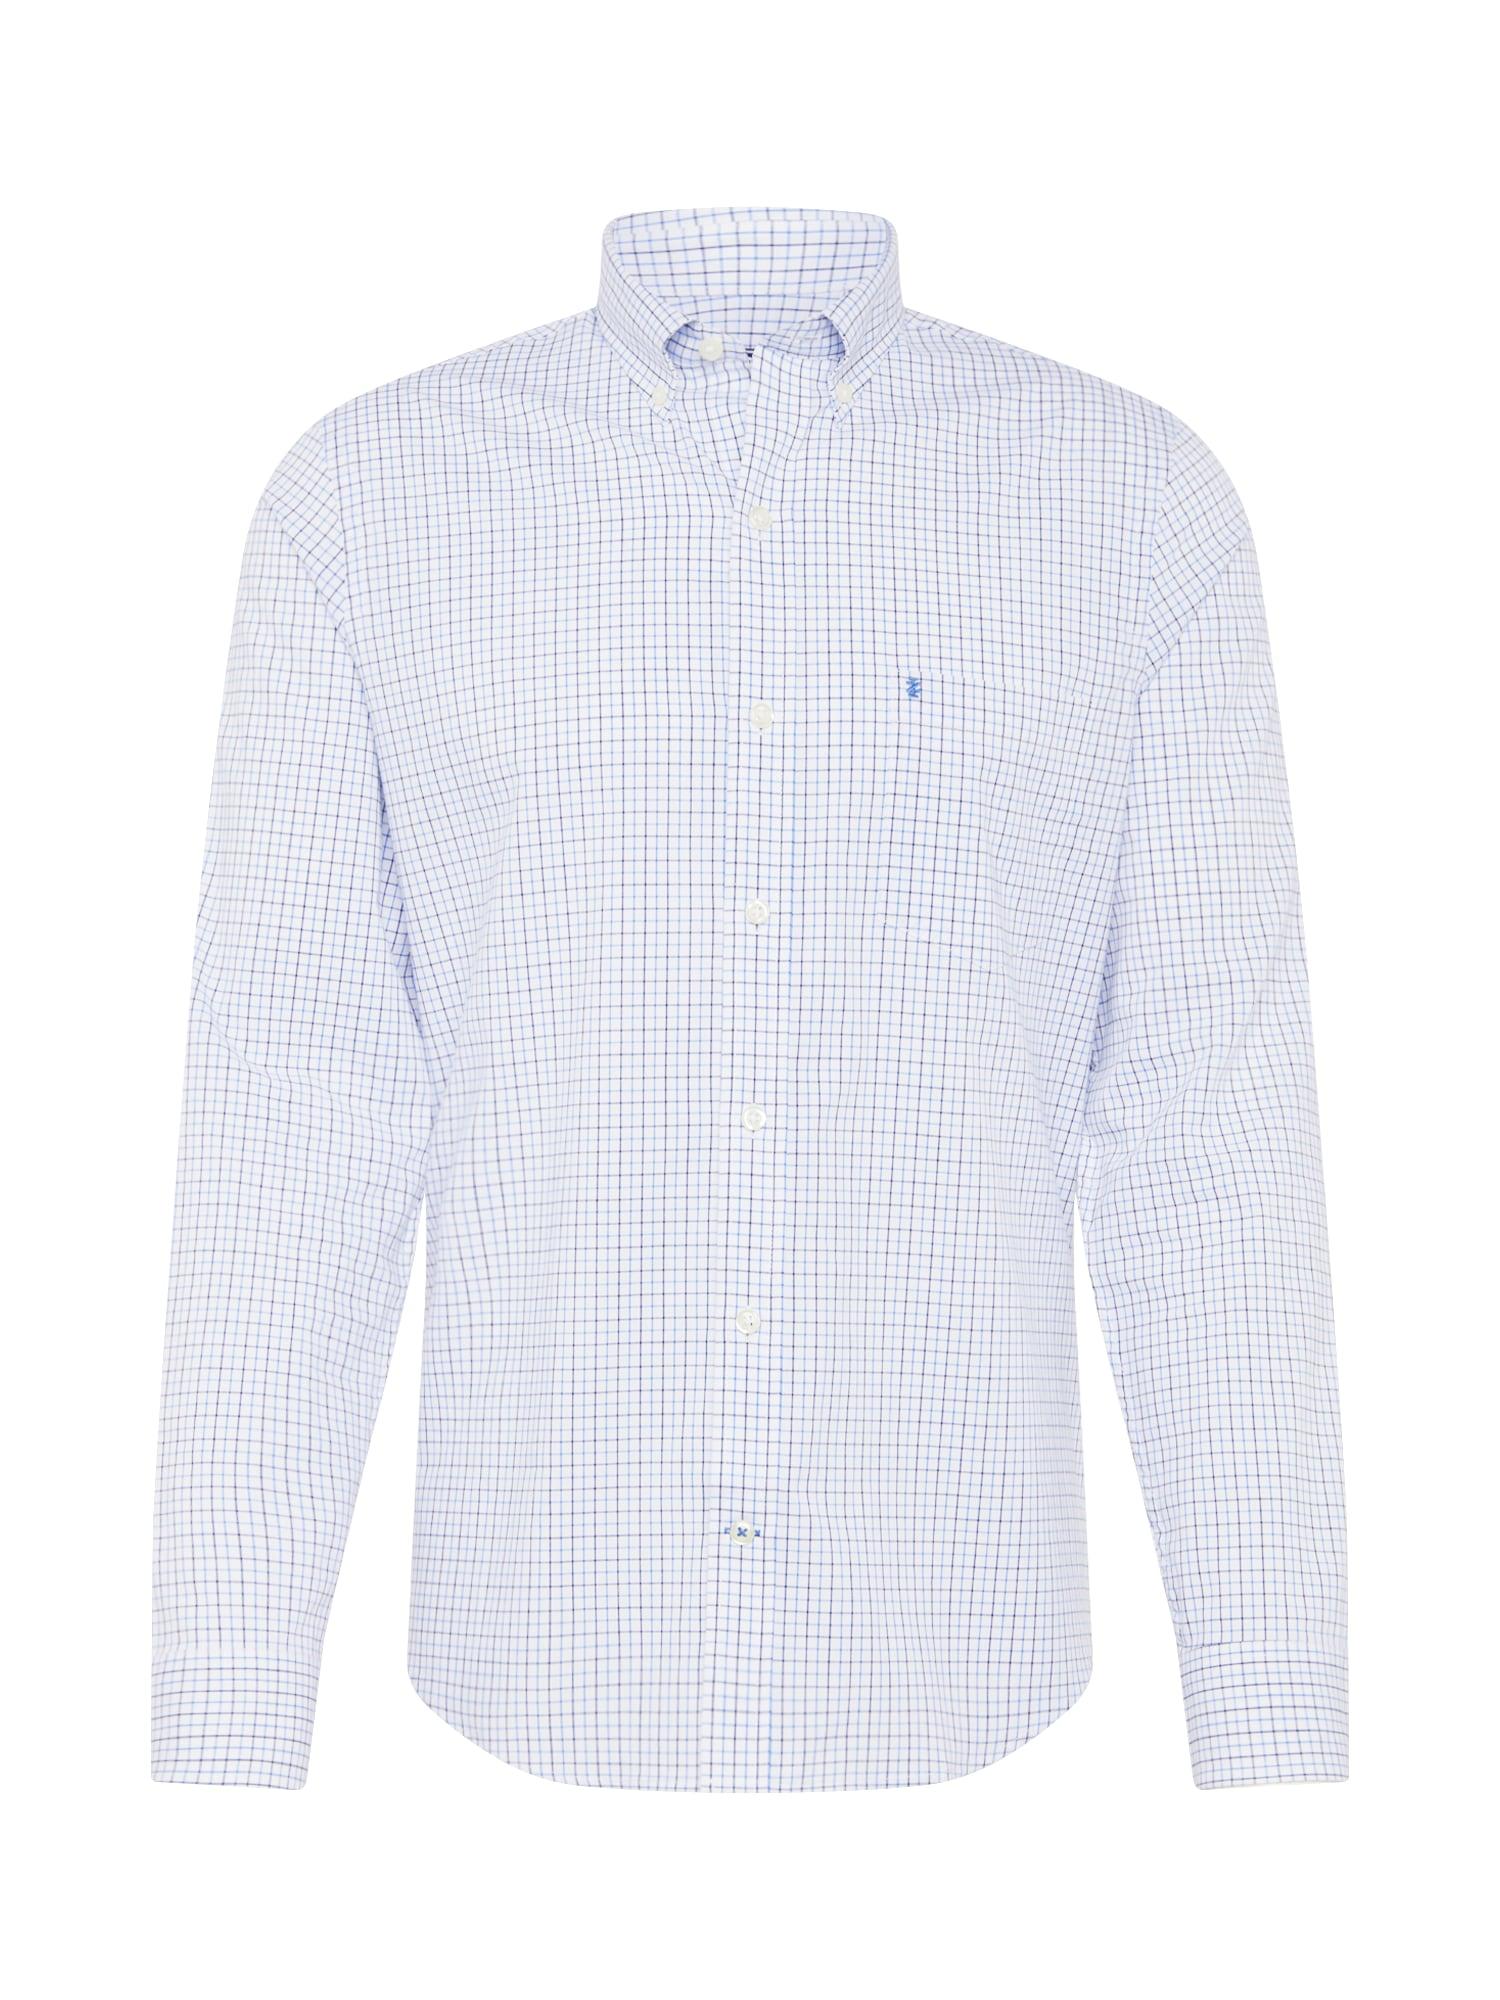 Společenská košile POPLIN modrá bílá IZOD